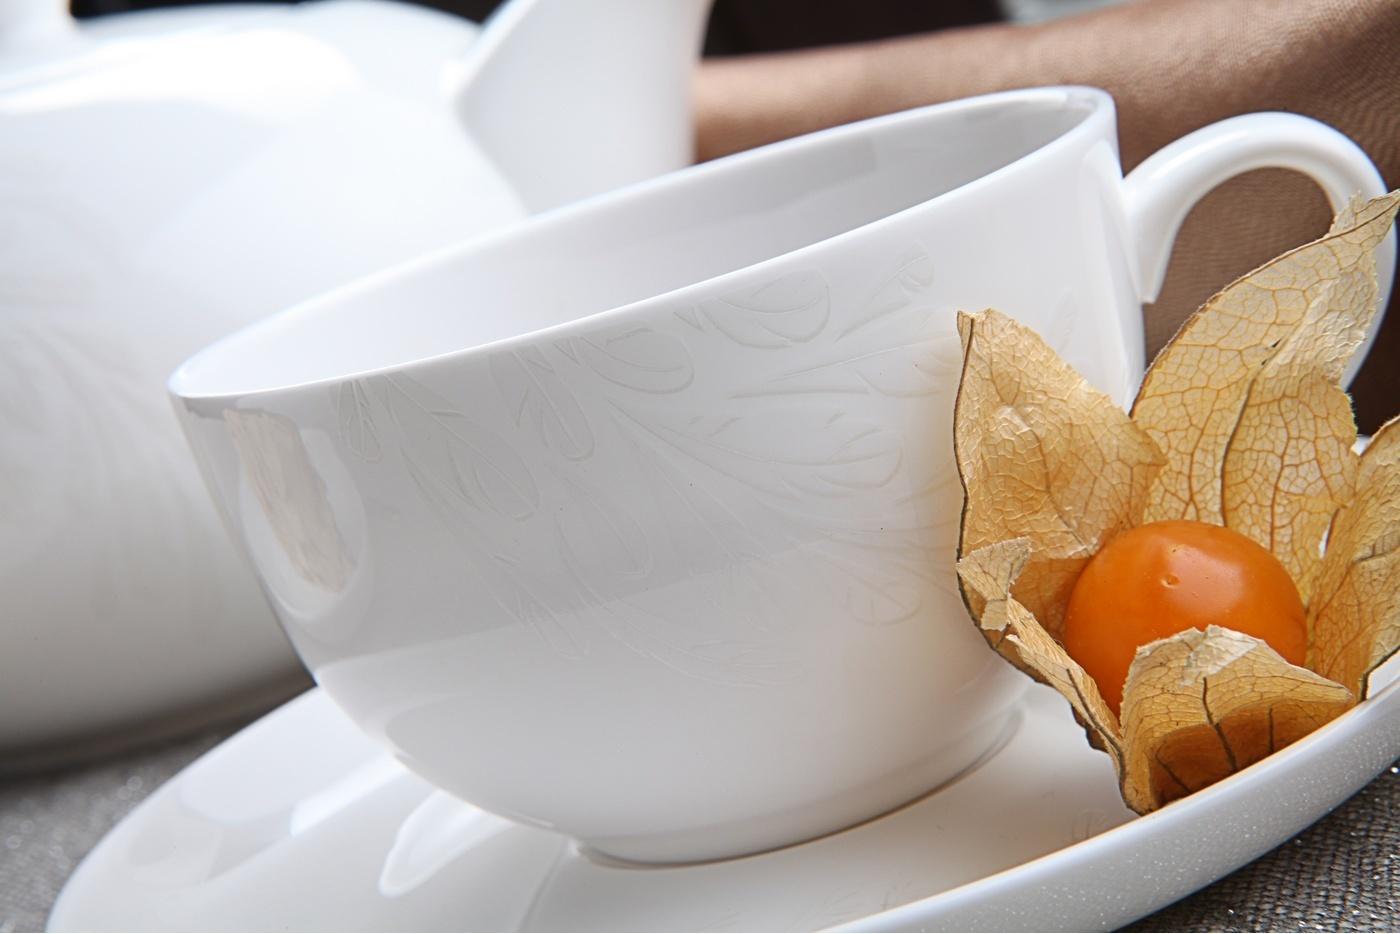 Чайный сервиз Royal Aurel Феникс арт.136, 13 предметовЧайные сервизы<br>Чайный сервиз Royal Aurel Феникс арт.136, 13 предметов<br><br><br><br><br><br><br><br><br><br><br>Чашка 300 мл,6 шт.<br>Блюдце 15 см,6 шт.<br>Чайник 1300 мл<br><br><br><br><br><br><br>Производить посуду из фарфора начали в Китае на стыке 6-7 веков. Неустанно совершенствуя и селективно отбирая сырье для производства посуды из фарфора, мастерам удалось добиться выдающихся характеристик фарфора: белизны и тонкостенности. В XV веке появился особый интерес к китайской фарфоровой посуде, так как в это время Европе возникла мода на самобытные китайские вещи. Роскошный китайский фарфор являлся изыском и был в новинку, поэтому он выступал в качестве подарка королям, а также знатным людям. Такой дорогой подарок был очень престижен и по праву являлся элитной посудой. Как известно из многочисленных исторических документов, в Европе китайские изделия из фарфора ценились практически как золото. <br>Проверка изделий из костяного фарфора на подлинность <br>По сравнению с производством других видов фарфора процесс производства изделий из настоящего костяного фарфора сложен и весьма длителен. Посуда из изящного фарфора - это элитная посуда, которая всегда ассоциируется с богатством, величием и благородством. Несмотря на небольшую толщину, фарфоровая посуда - это очень прочное изделие. Для демонстрации плотности и прочности фарфора можно легко коснуться предметов посуды из фарфора деревянной палочкой, и тогда мы услушим характерный металлический звон. В составе фарфоровой посуды присутствует костяная зола, благодаря чему она может быть намного тоньше (не более 2,5 мм) и легче твердого или мягкого фарфора. Безупречная белизна - ключевой признак отличия такого фарфора от других. Цвет обычного фарфора сероватый или ближе к голубоватому, а костяной фарфор будет всегда будет молочно-белого цвета. Характерная и немаловажная деталь - это невесомая прозрачность изделий из фарфора такая, что сквозь него проходит свет.<br>